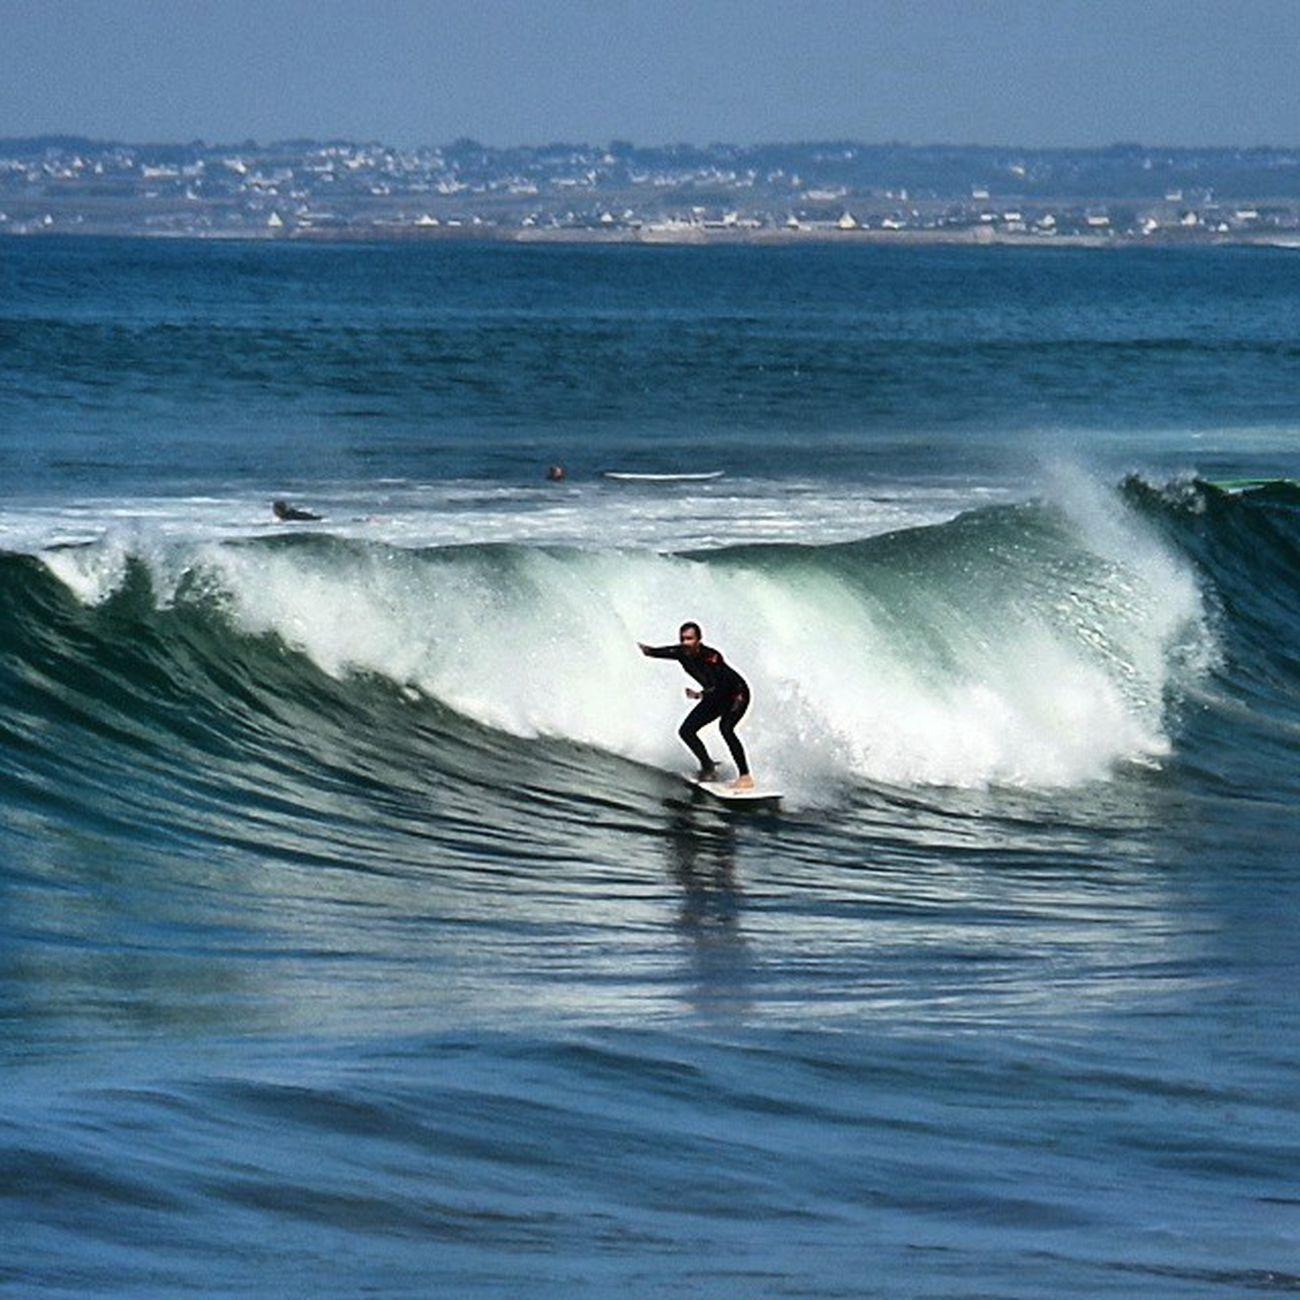 Surfer Surf Pointedelatorche Bretagne holidaysbretagnetourismelikecoolyolopicofthedaywavesseasunfun